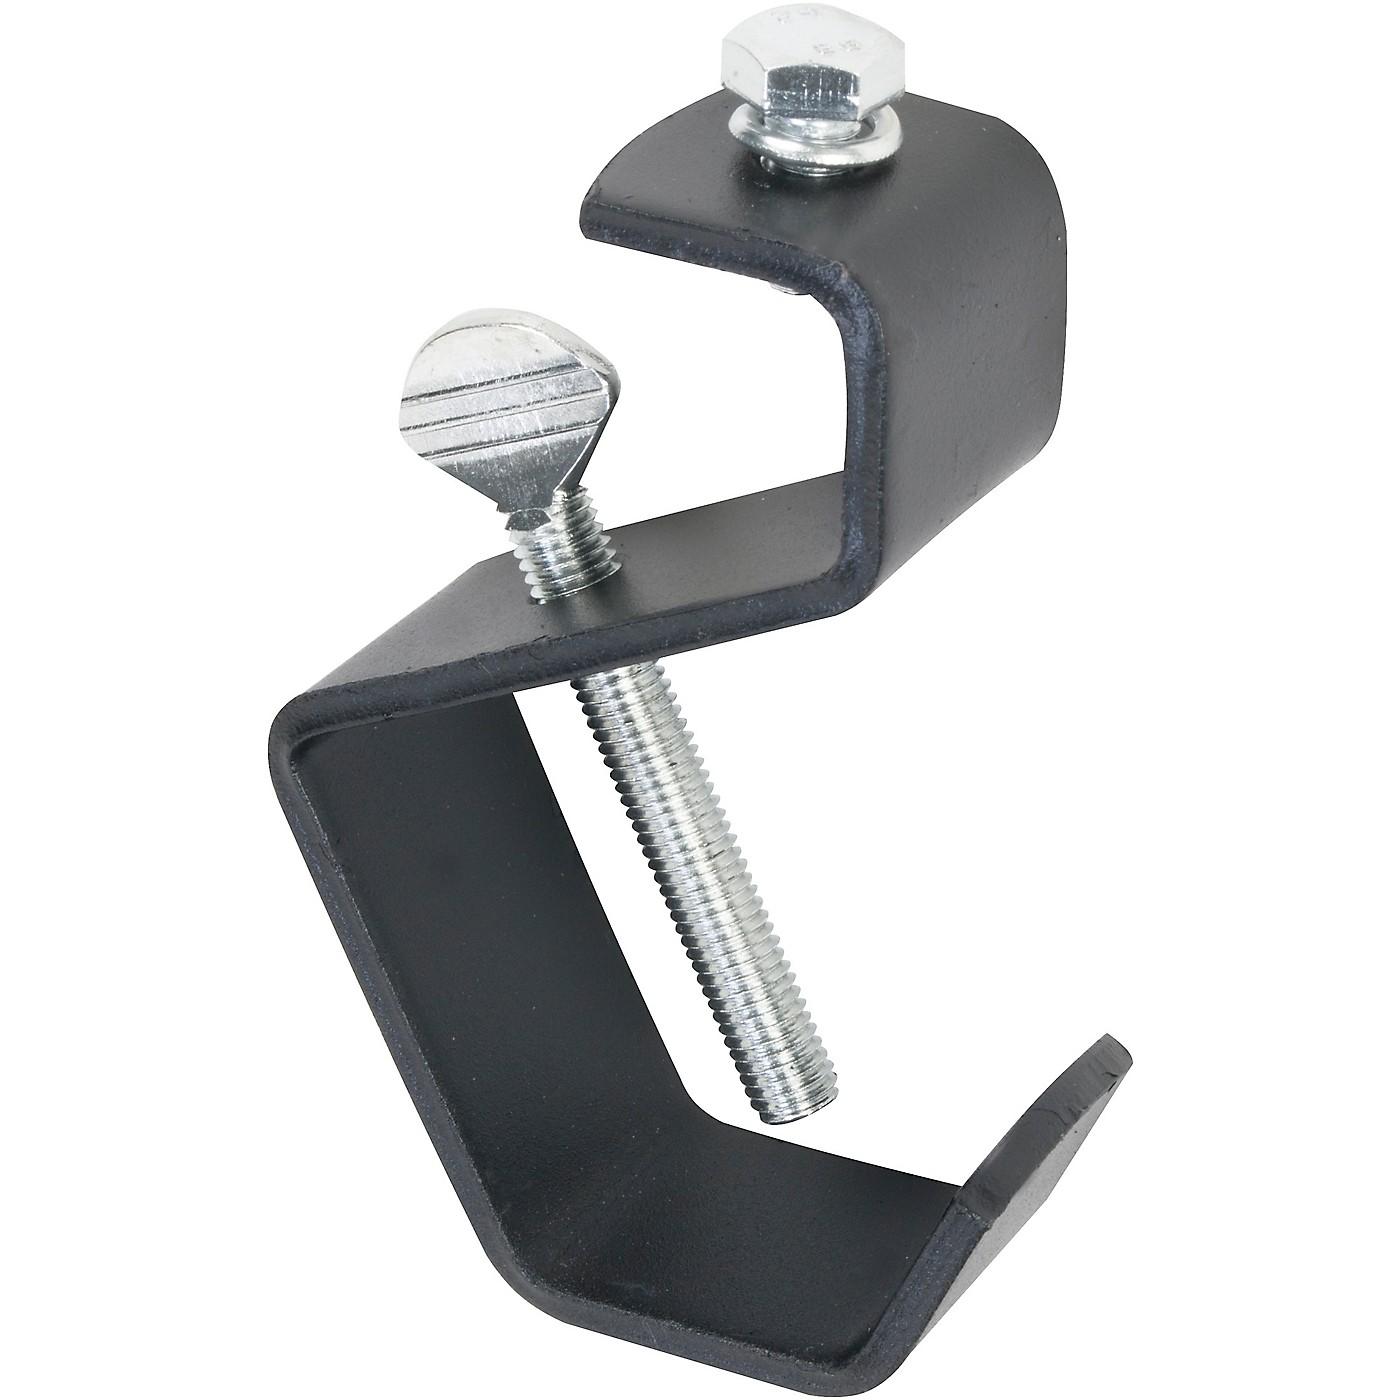 Eliminator Lighting E127 S-Hook Style Lighting Clamp thumbnail